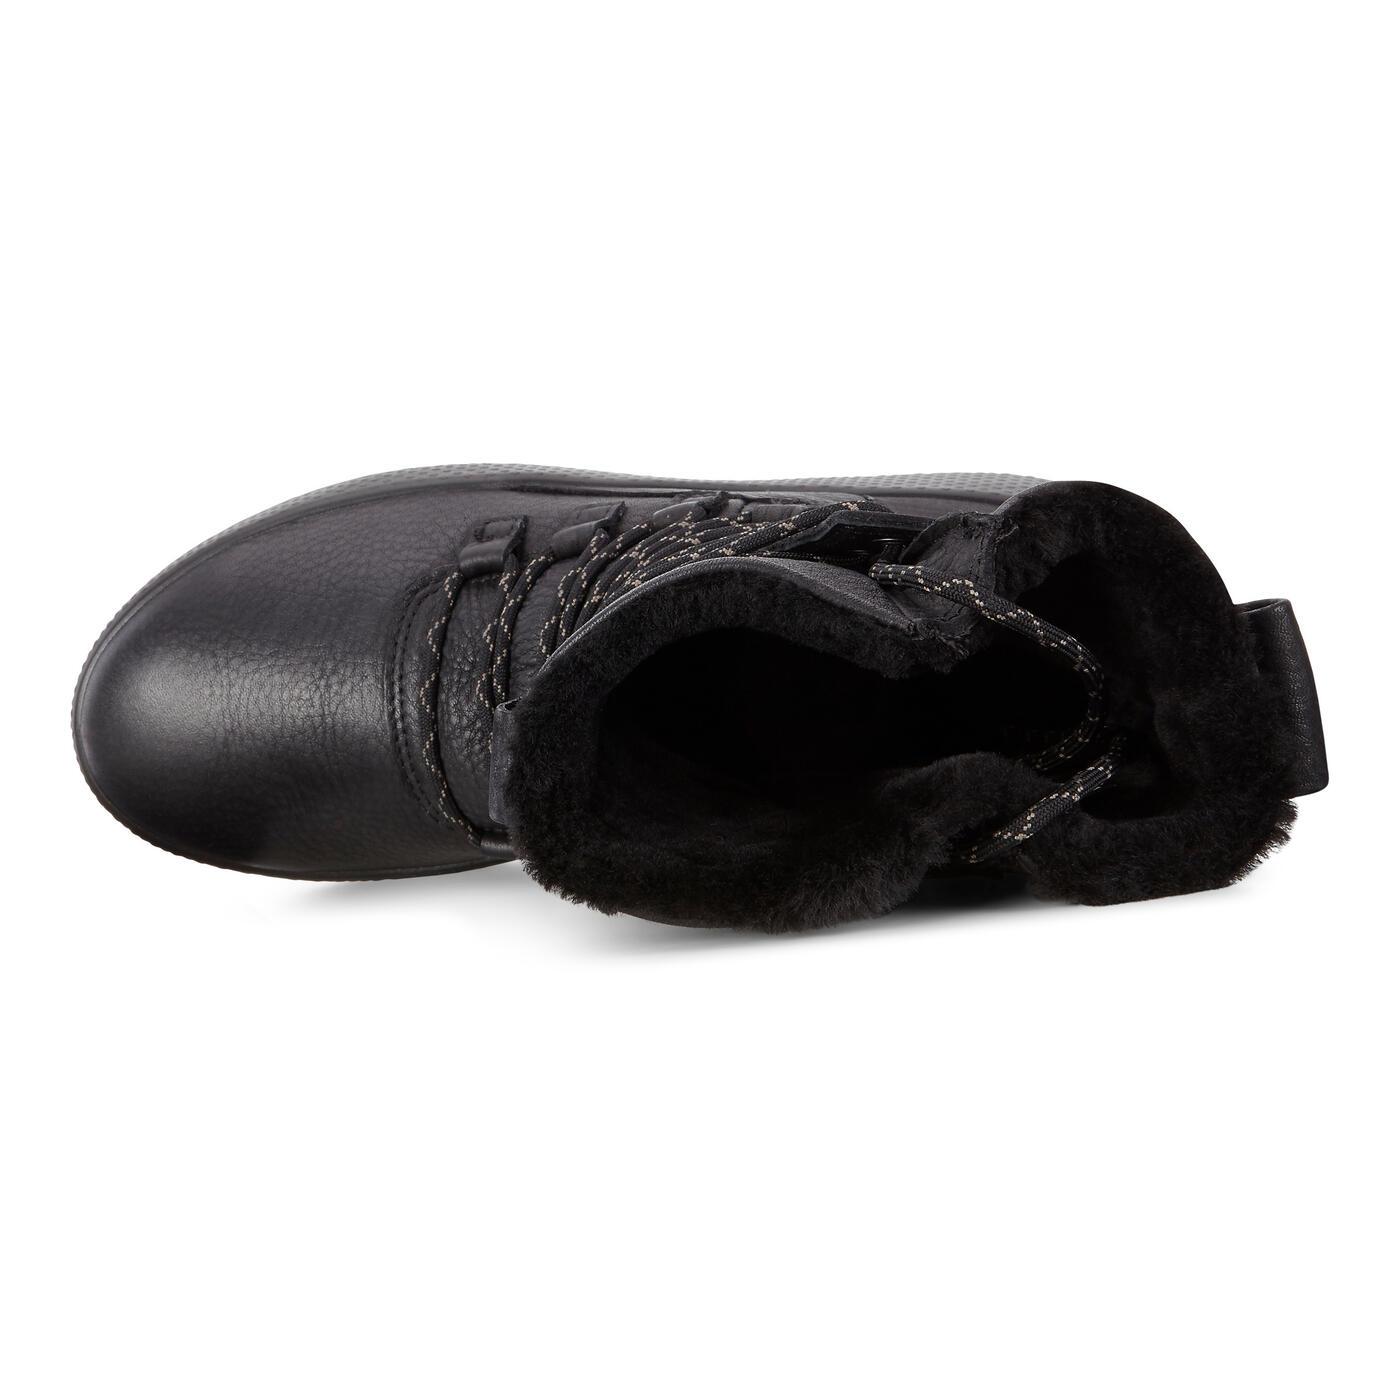 ECCO UKIUK Mid Lace Boot HM